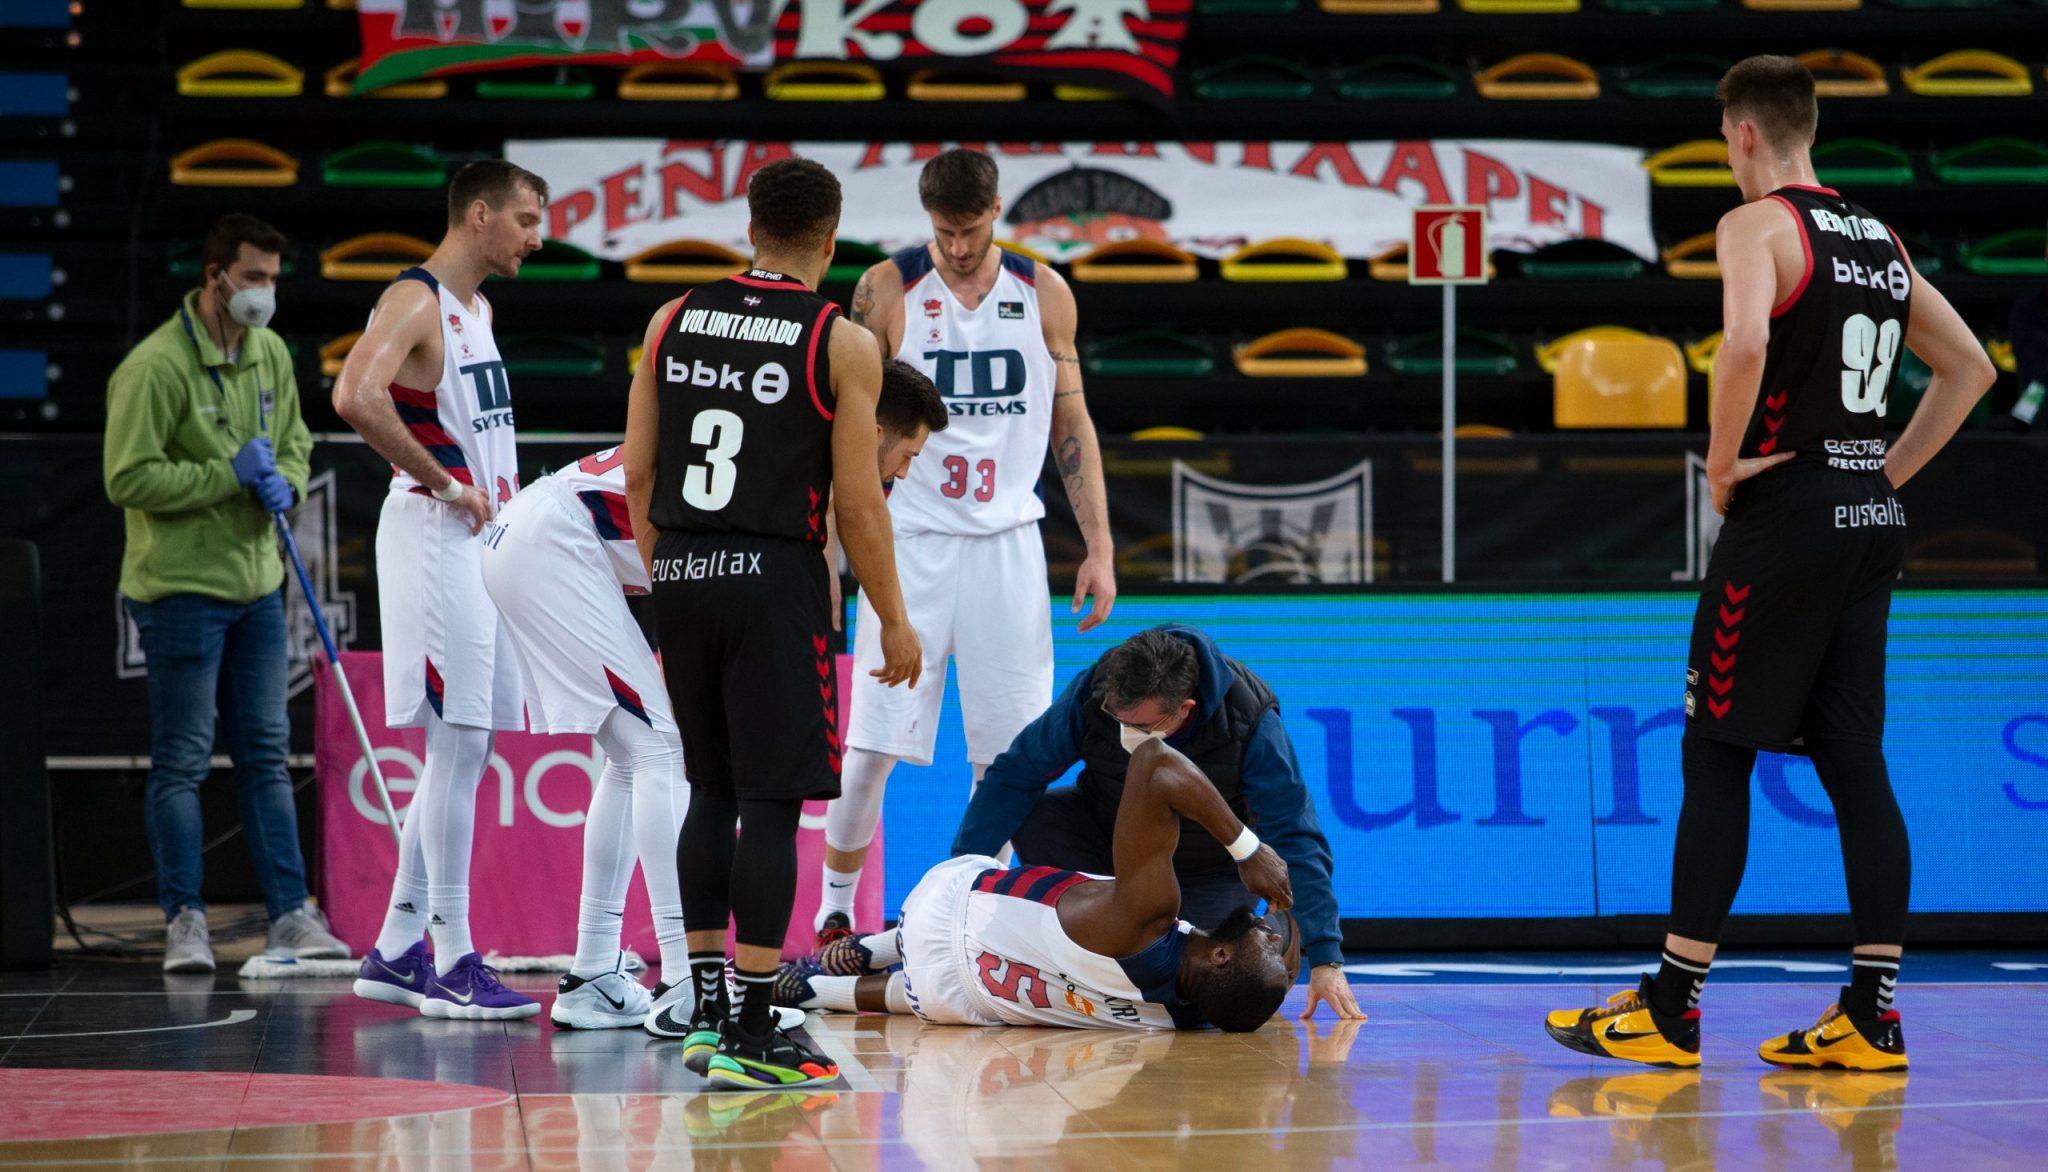 Noticias ACB: Parte médico de Jekiri, nuevo positivo en Burgos y renovación de Dani Pérez